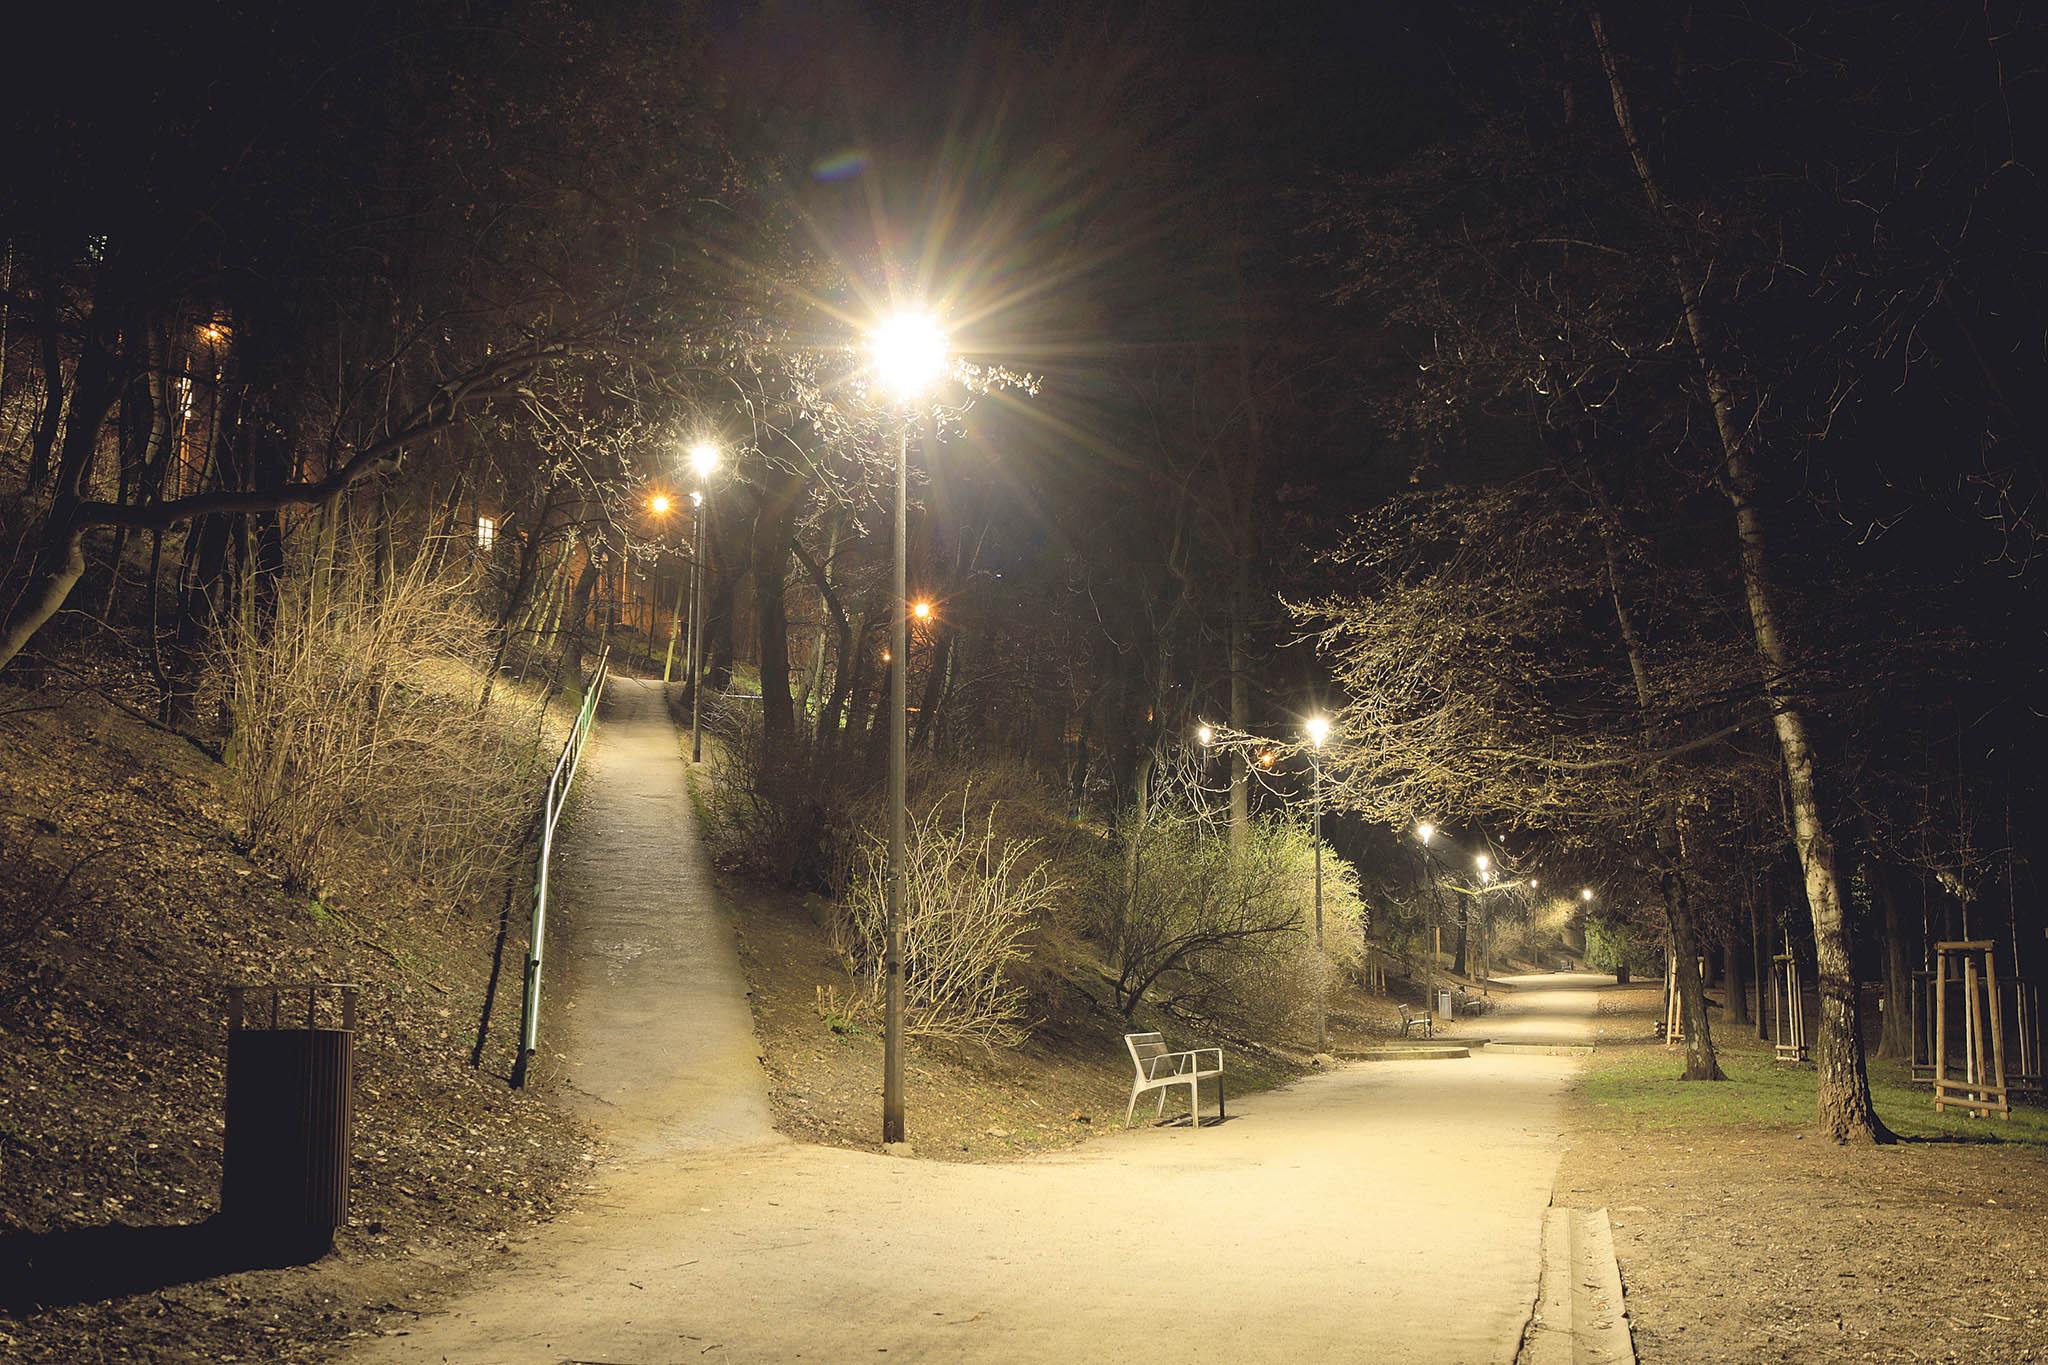 Praha svítí, to je název mobilní aplikace, pomocí níž mohou lidé ohlásit poruchu, rušivé světlo nebo nelegální výlepy nastožárech pražského veřejného osvětlení.